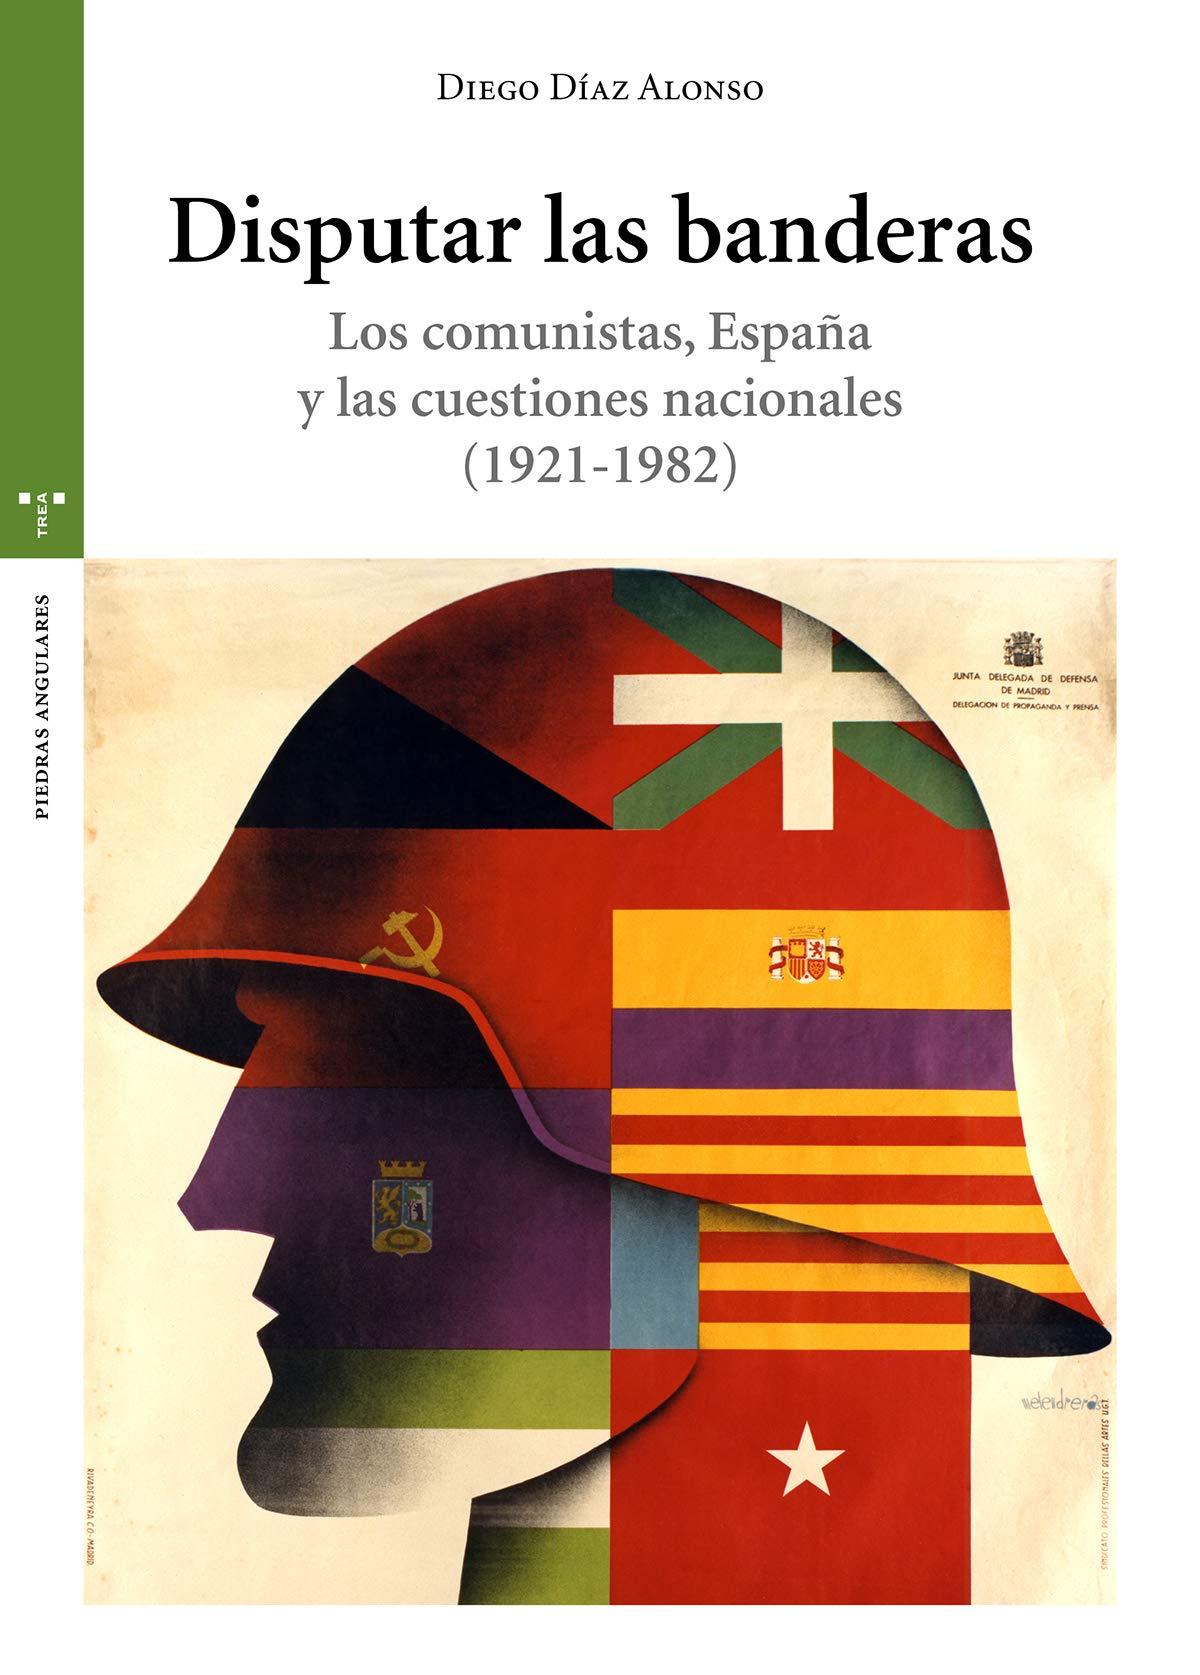 Disputar las banderas. Los comunistas, España y las cuestiones nacionales 1921-1982 Estudios Históricos La Olmeda: Amazon.es: Díaz Alonso, Diego: Libros